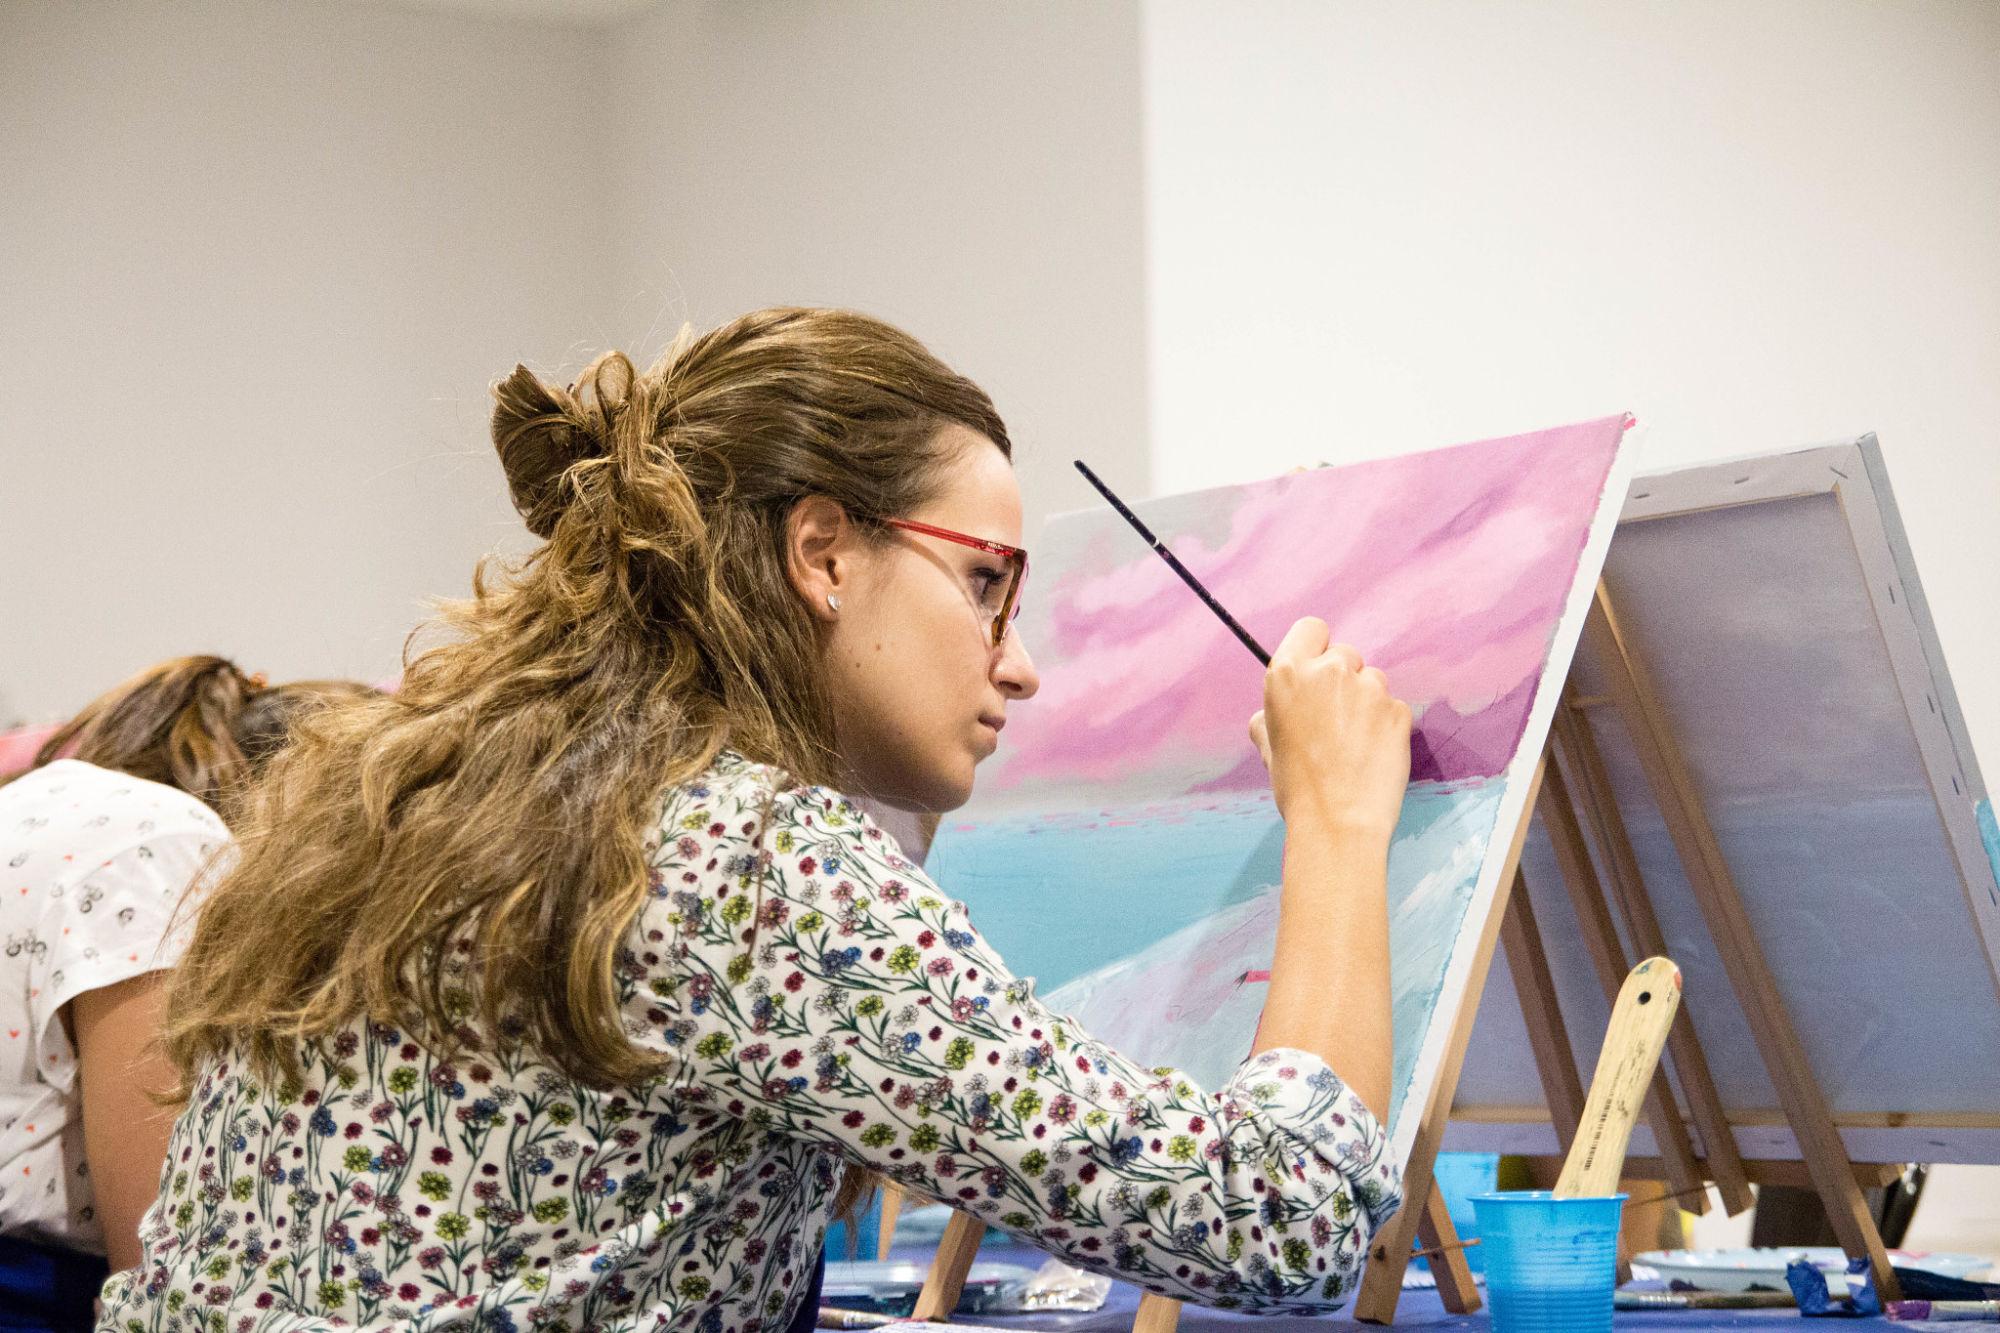 Técnicas de pintura: acrílica, óleo, acuarela